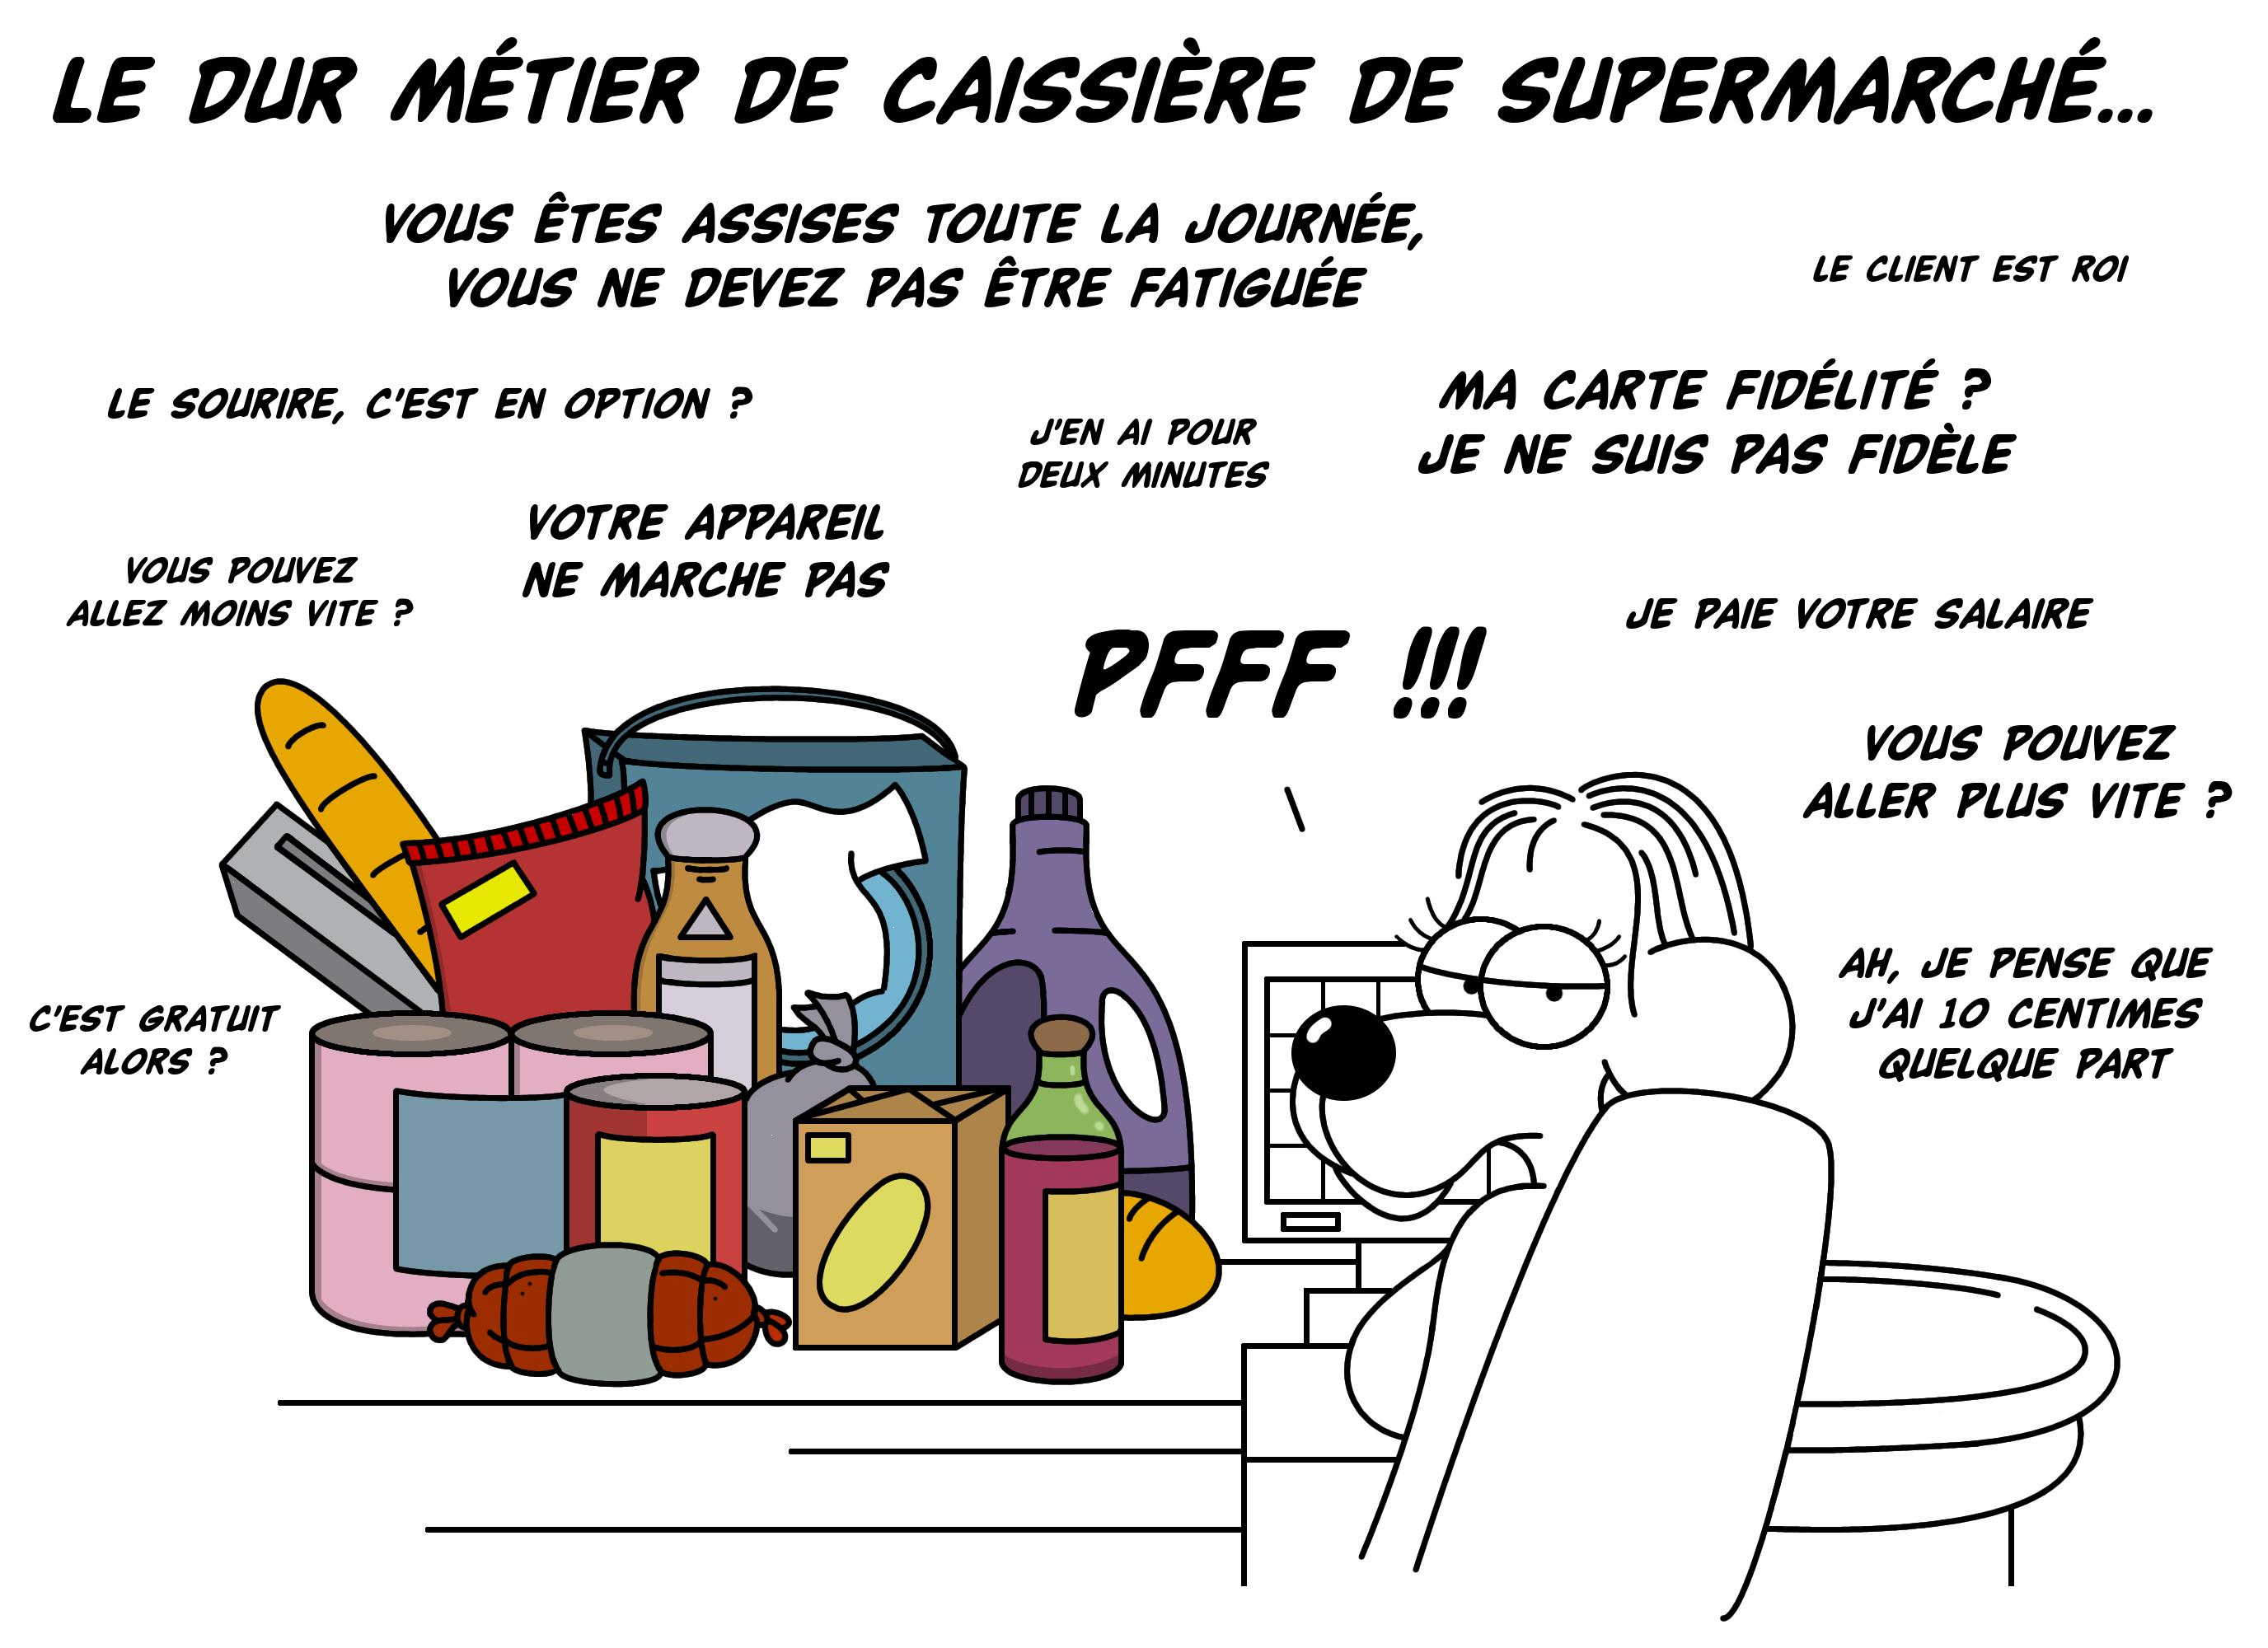 Dessin Le dur métier de caissière de supermarché... de Chag